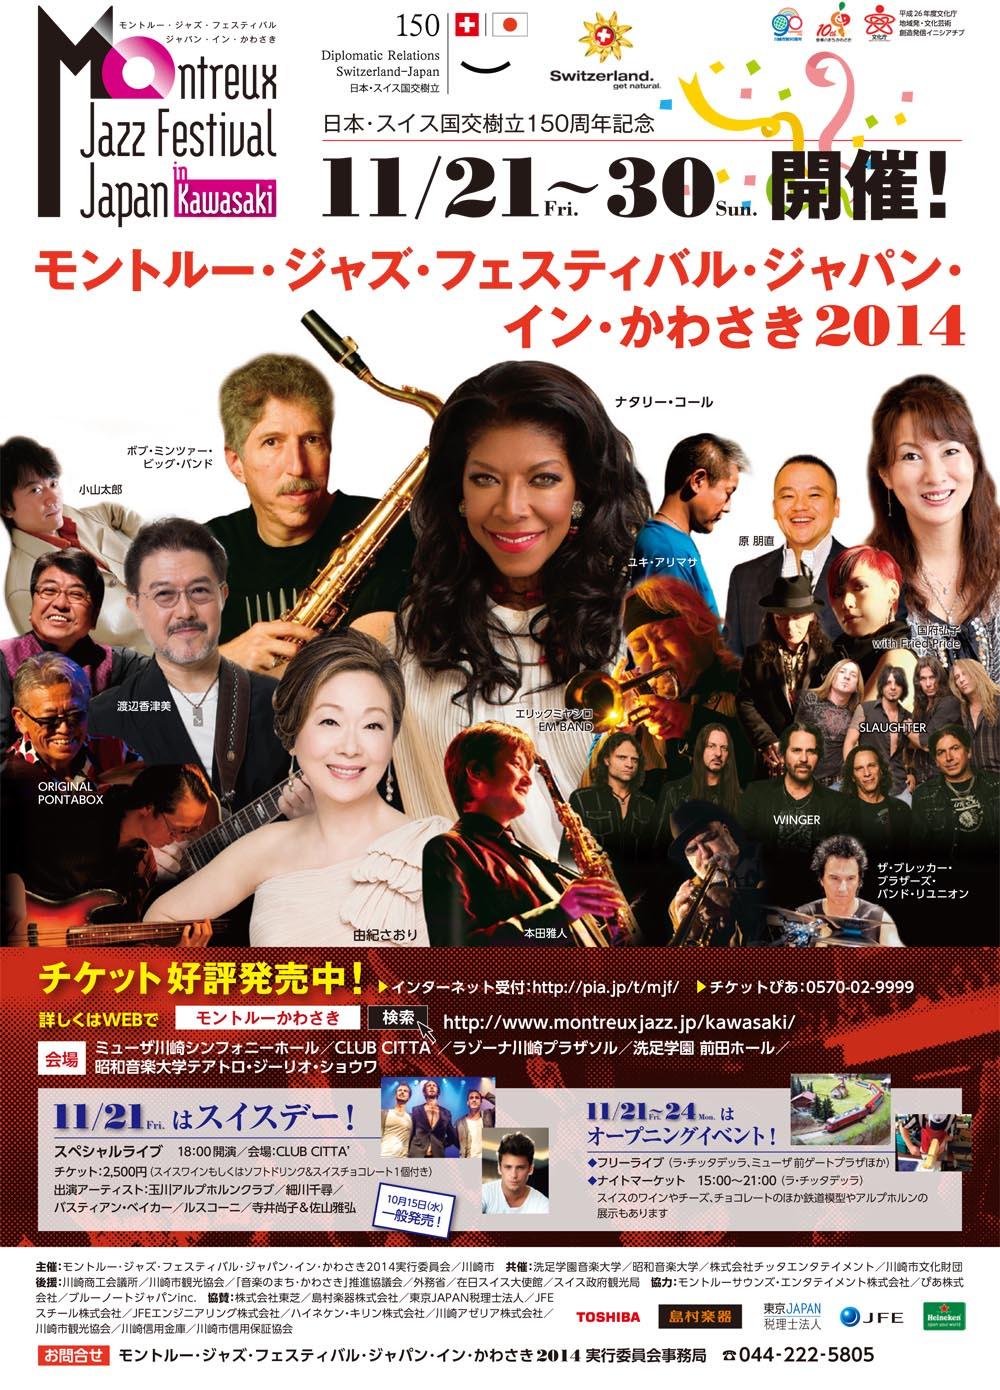 モントルー・ジャズ・フェスティバル・ジャパン・イン・かわさき2014開催!